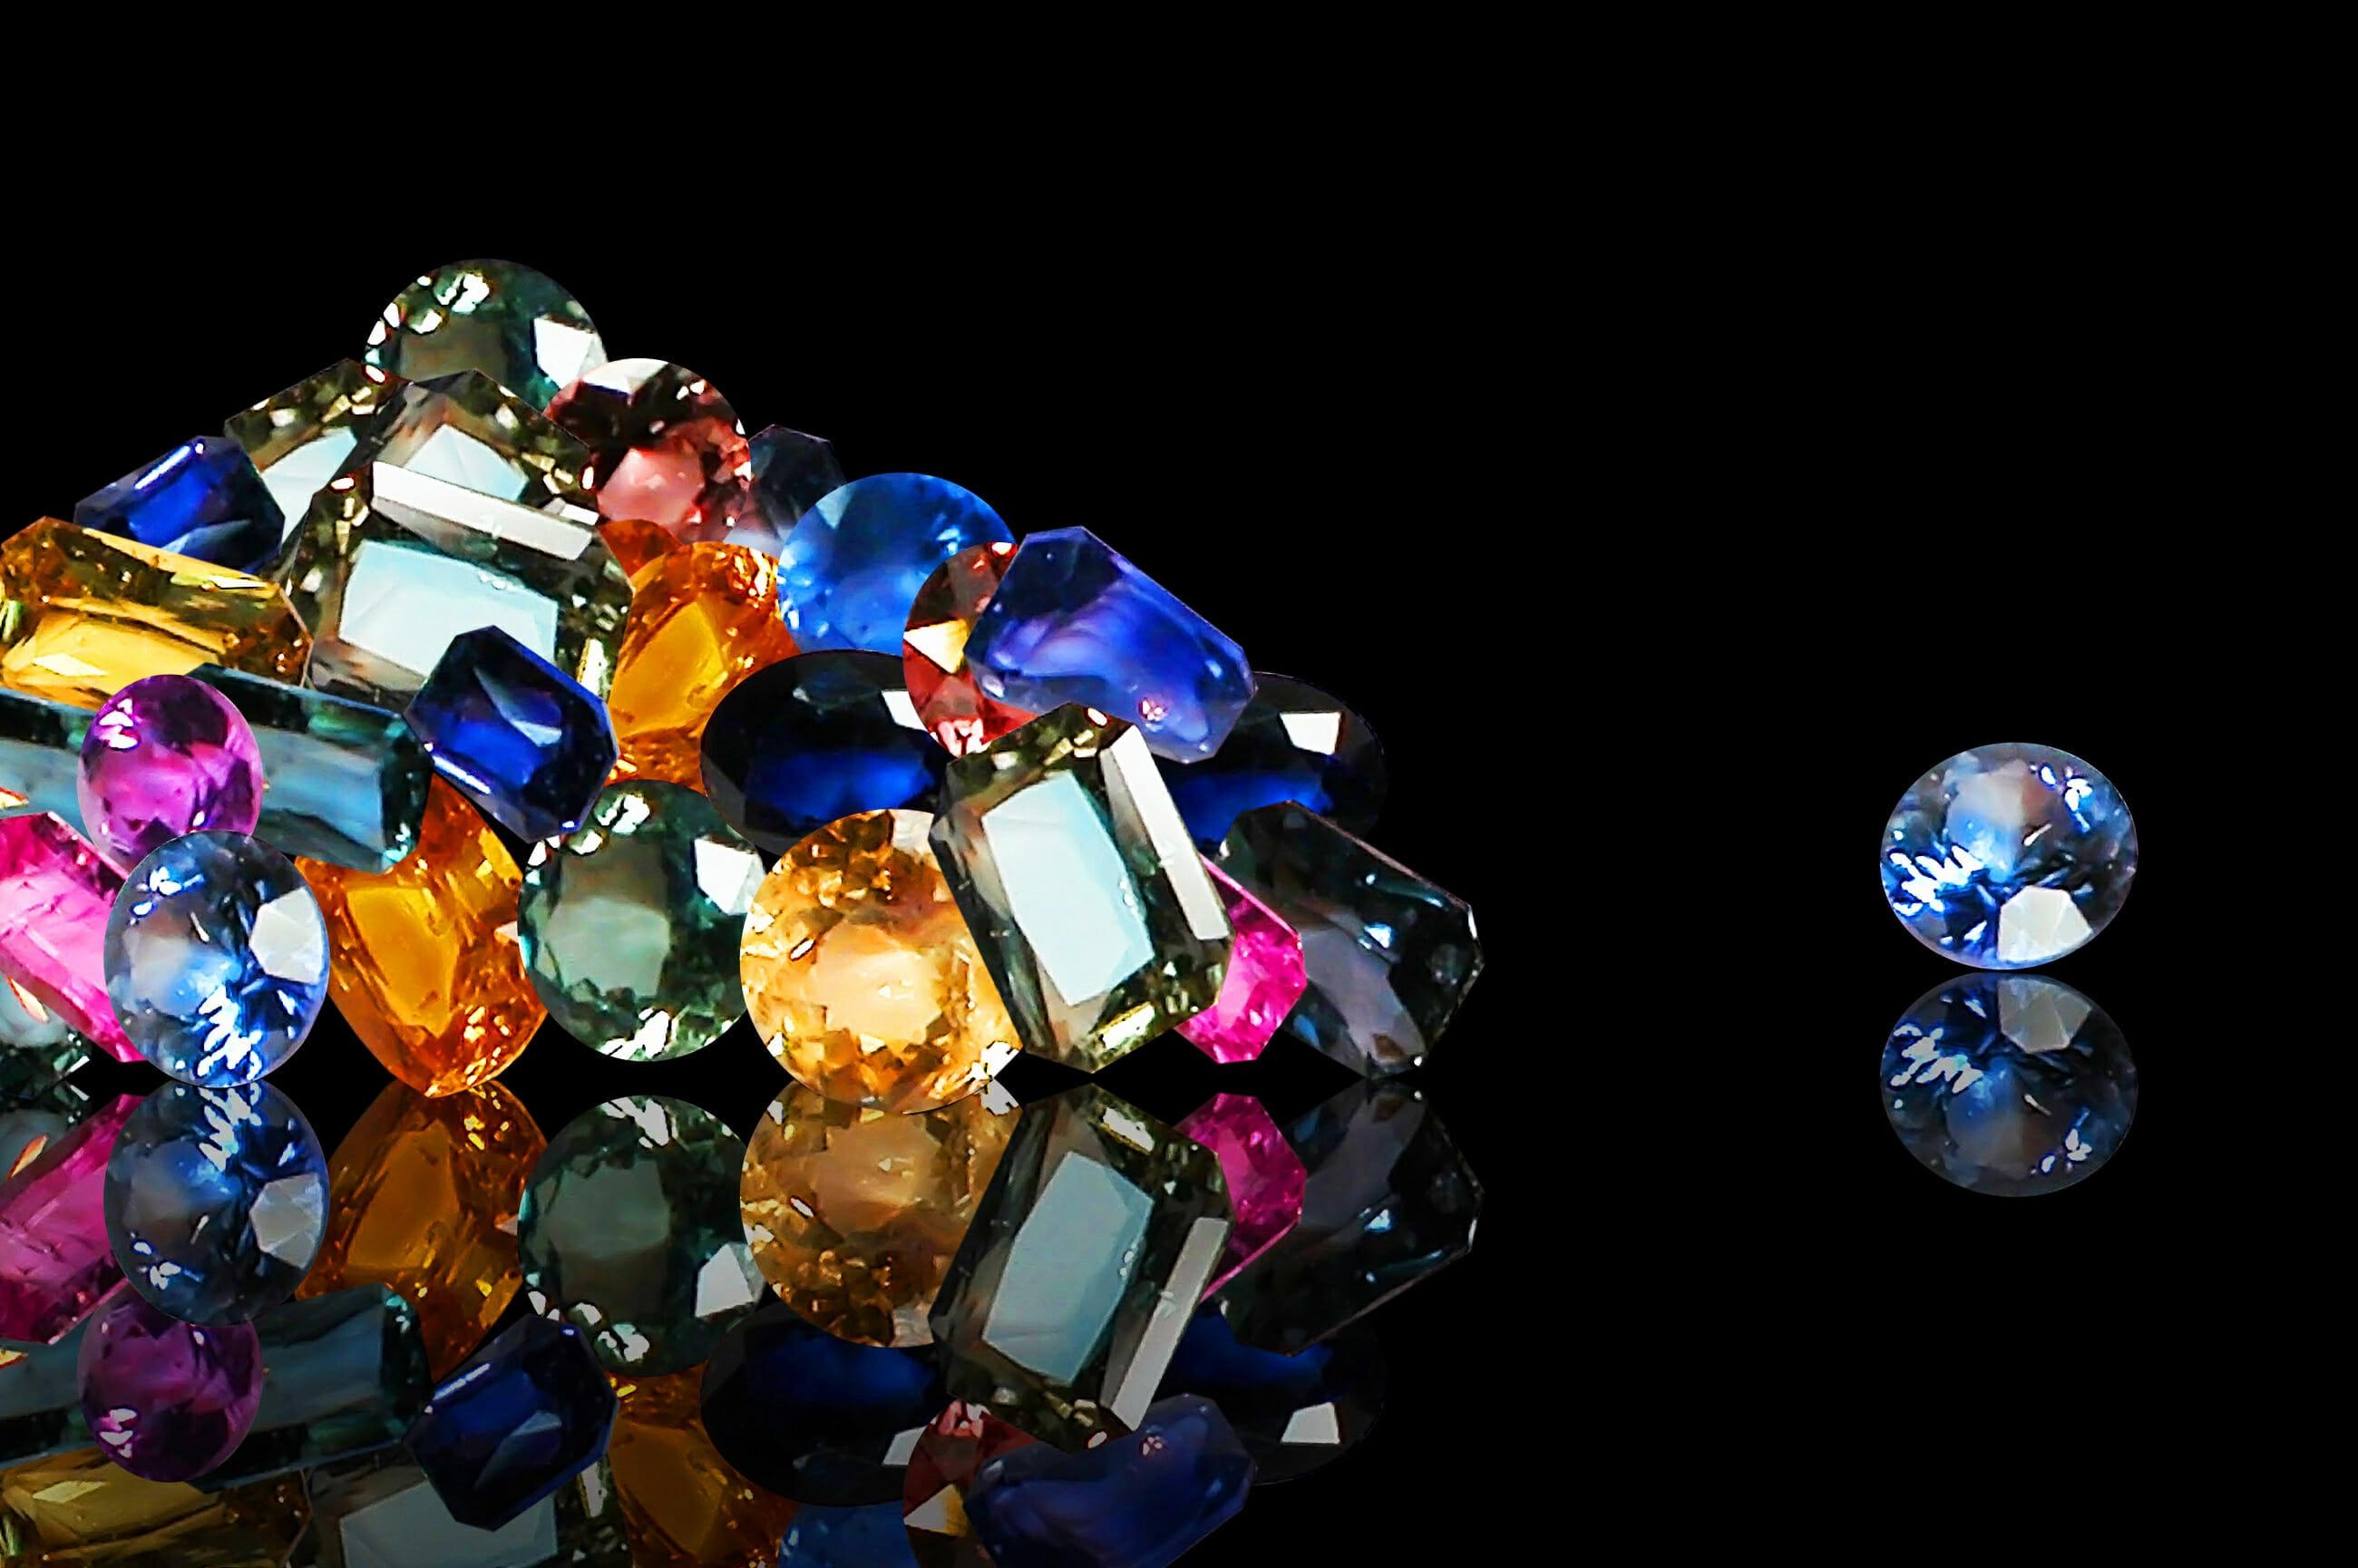 анализ группы красивые картинки драгоценных камней вероятнее всего